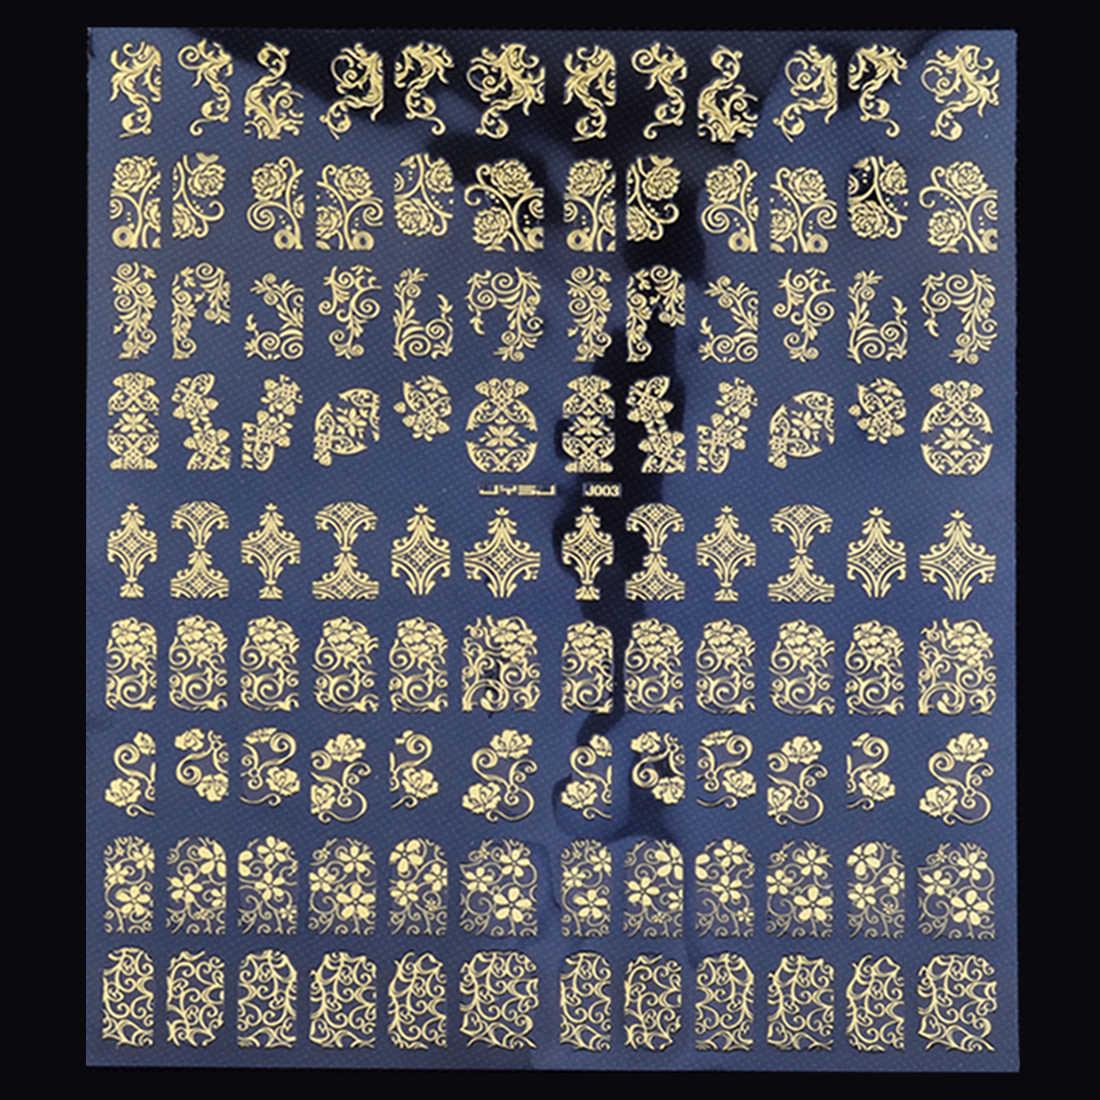 Fleur doigt enveloppes 1 feuille or ongle autocollant vigne petit ongle Art décalcomanies métal couverture complète 3D adhésif ongles autocollants